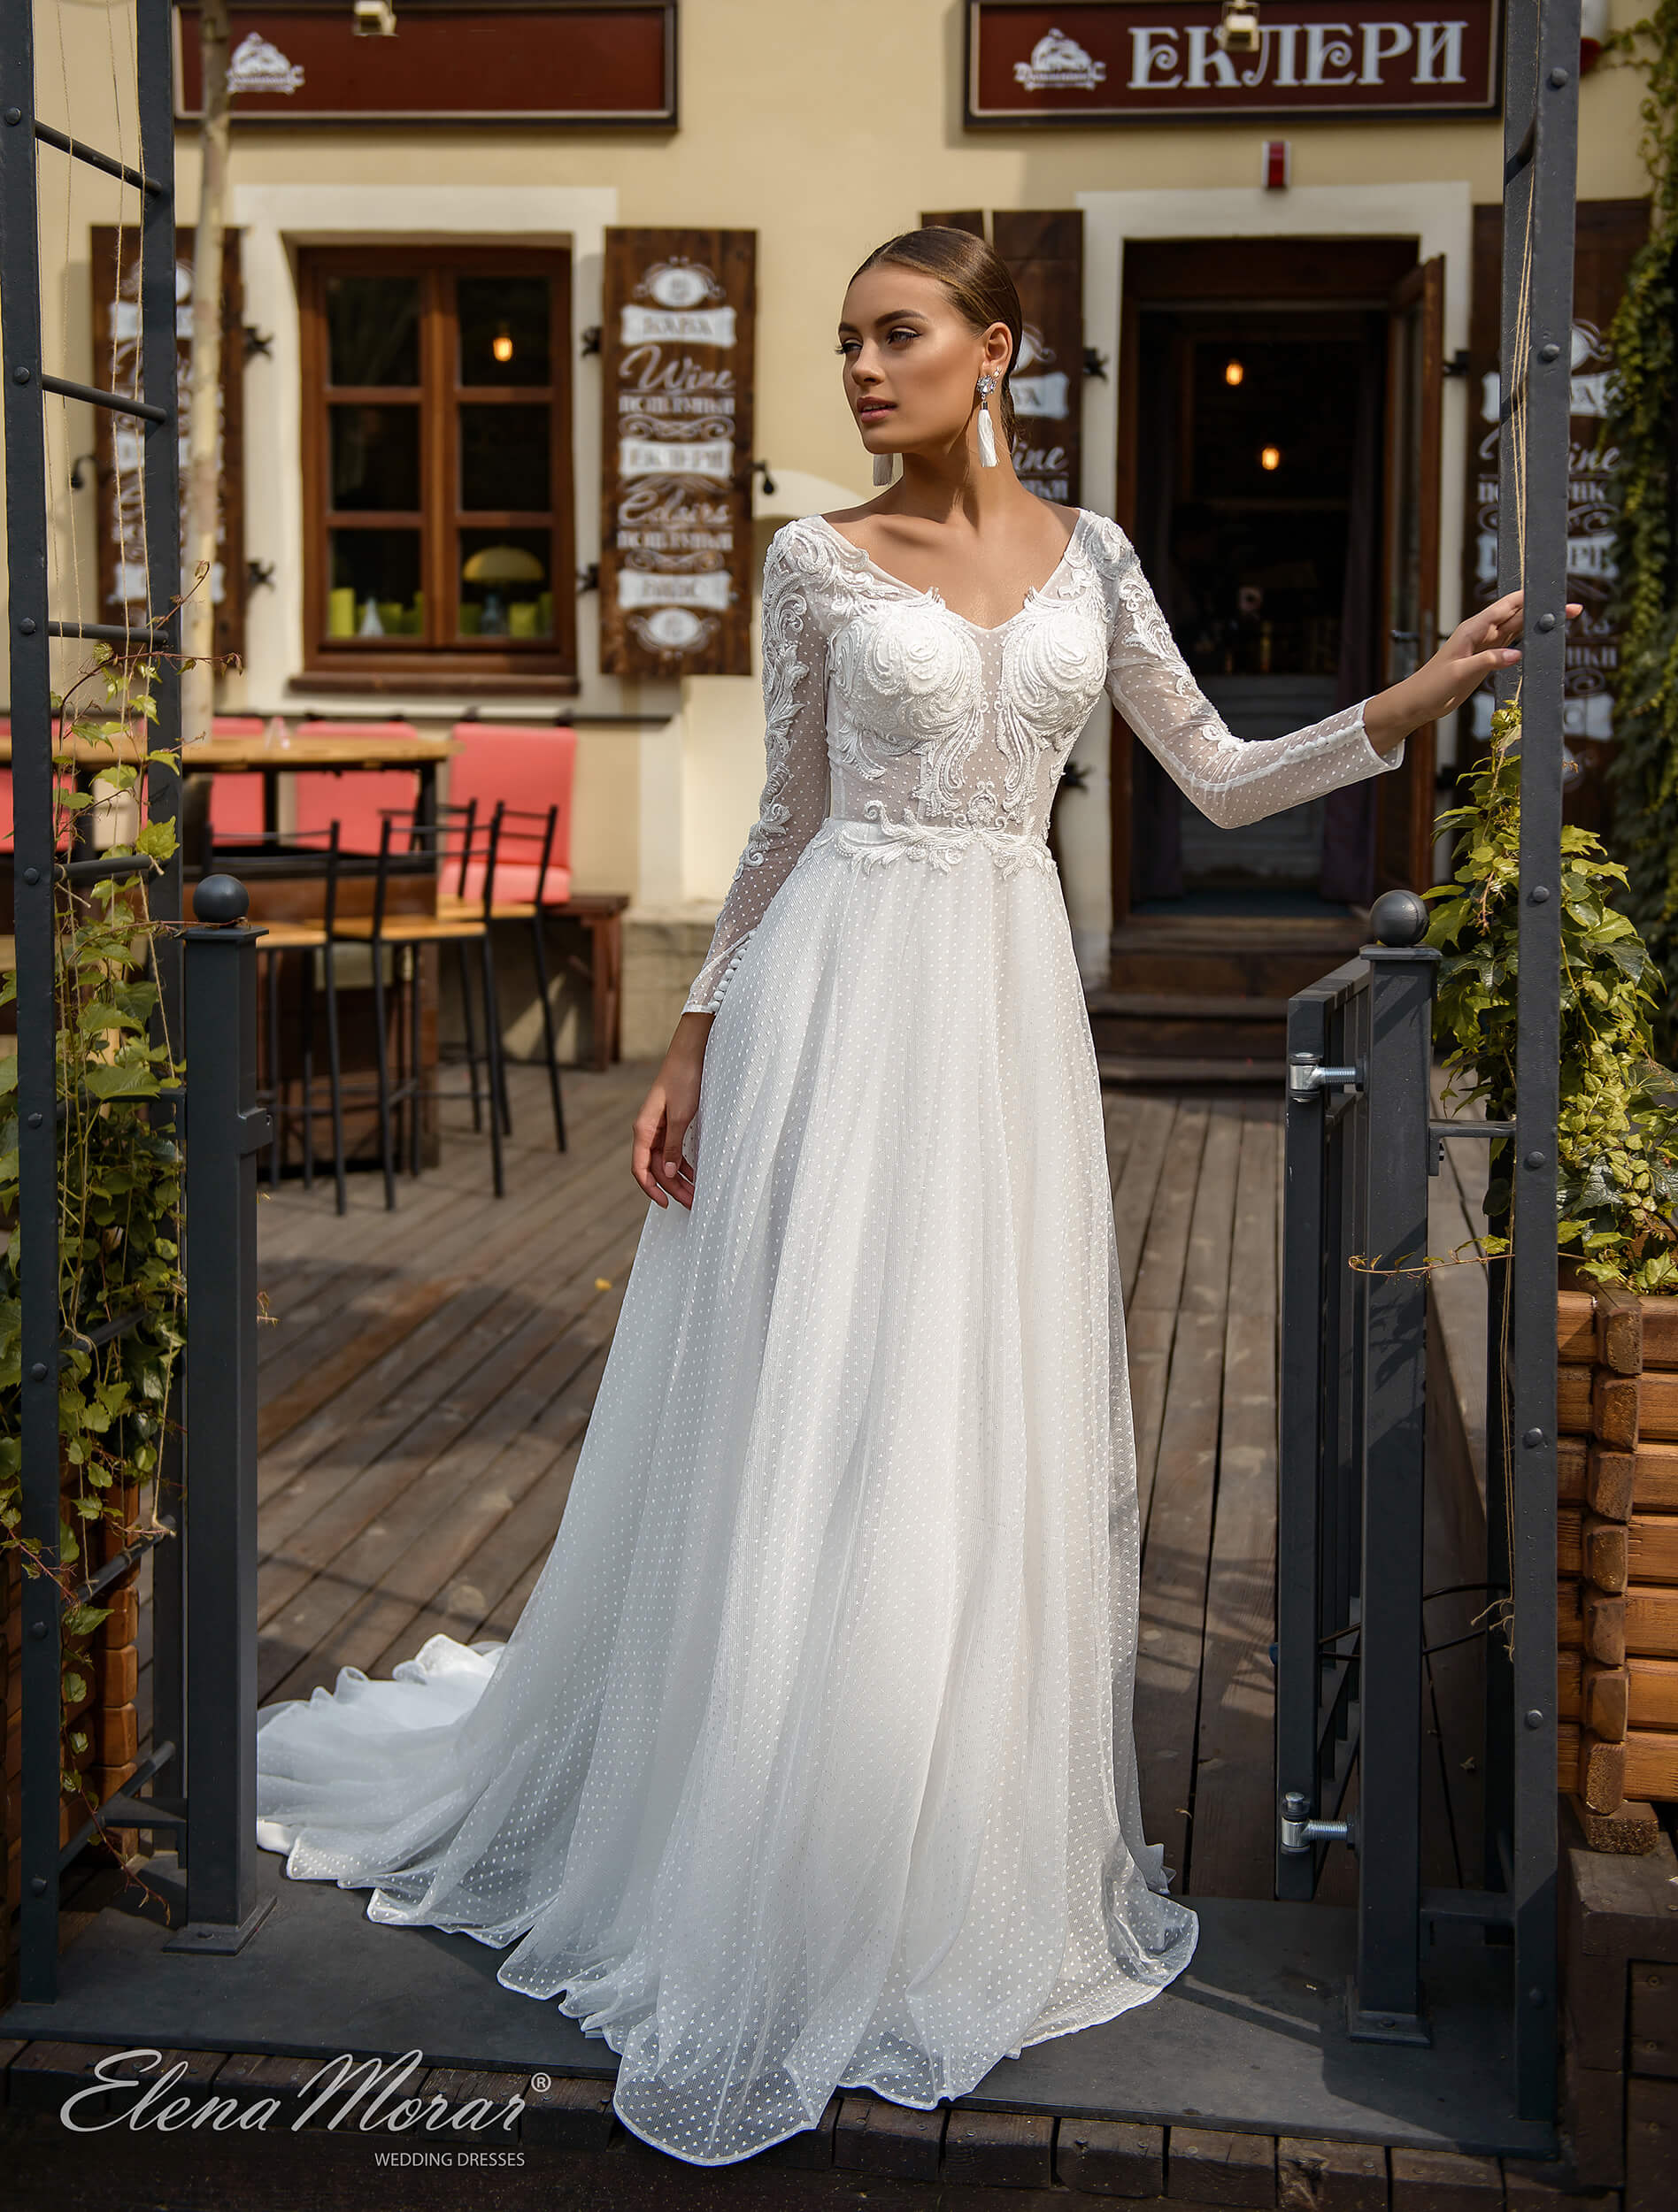 прямые свадебные платья с длинным рукавом (1) | Vero